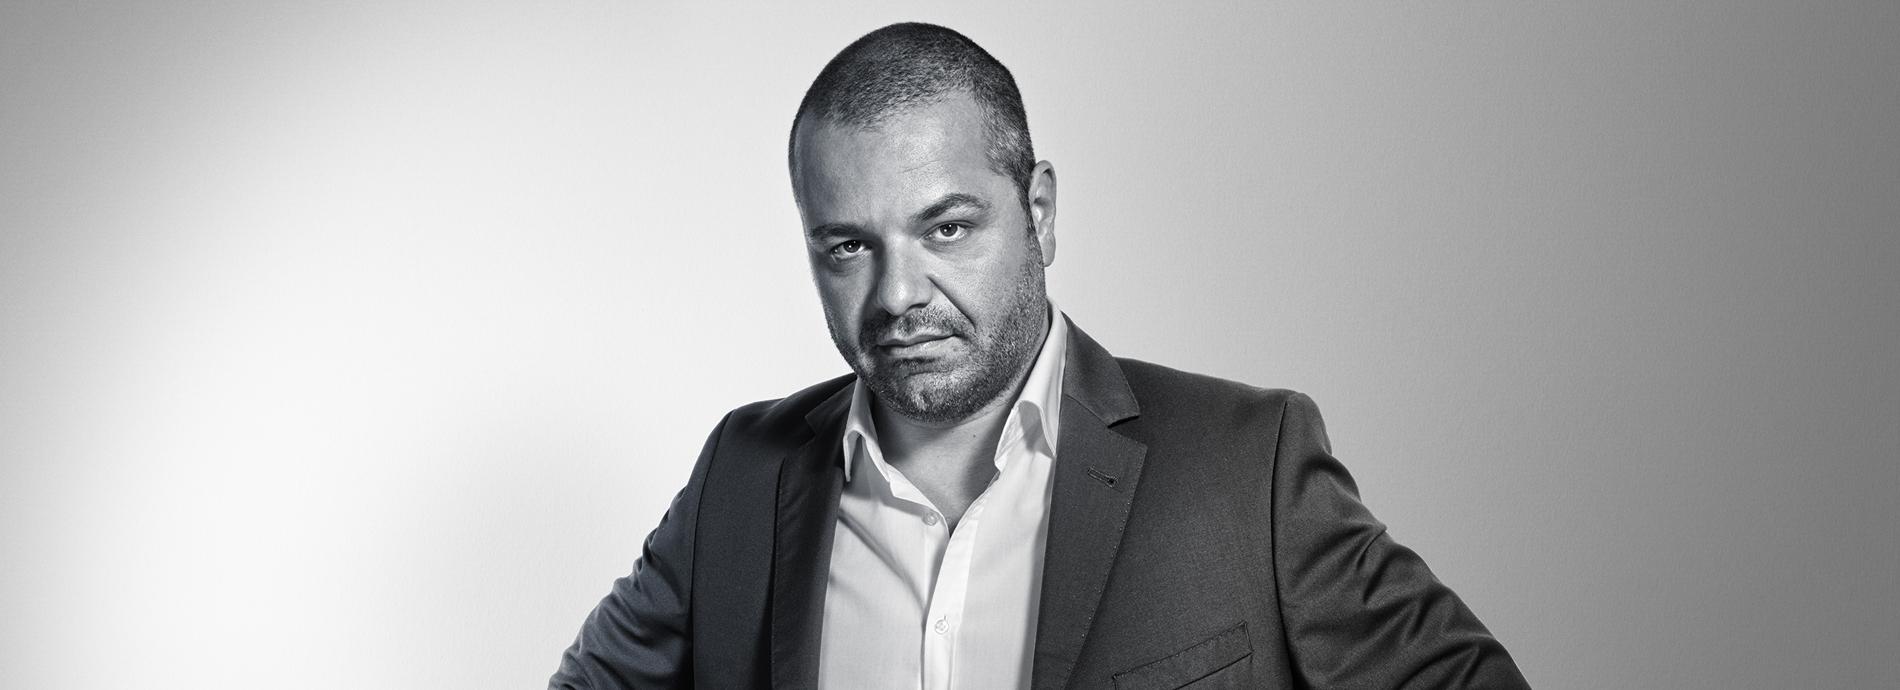 Rechtsanwalt Daniel Sprafke